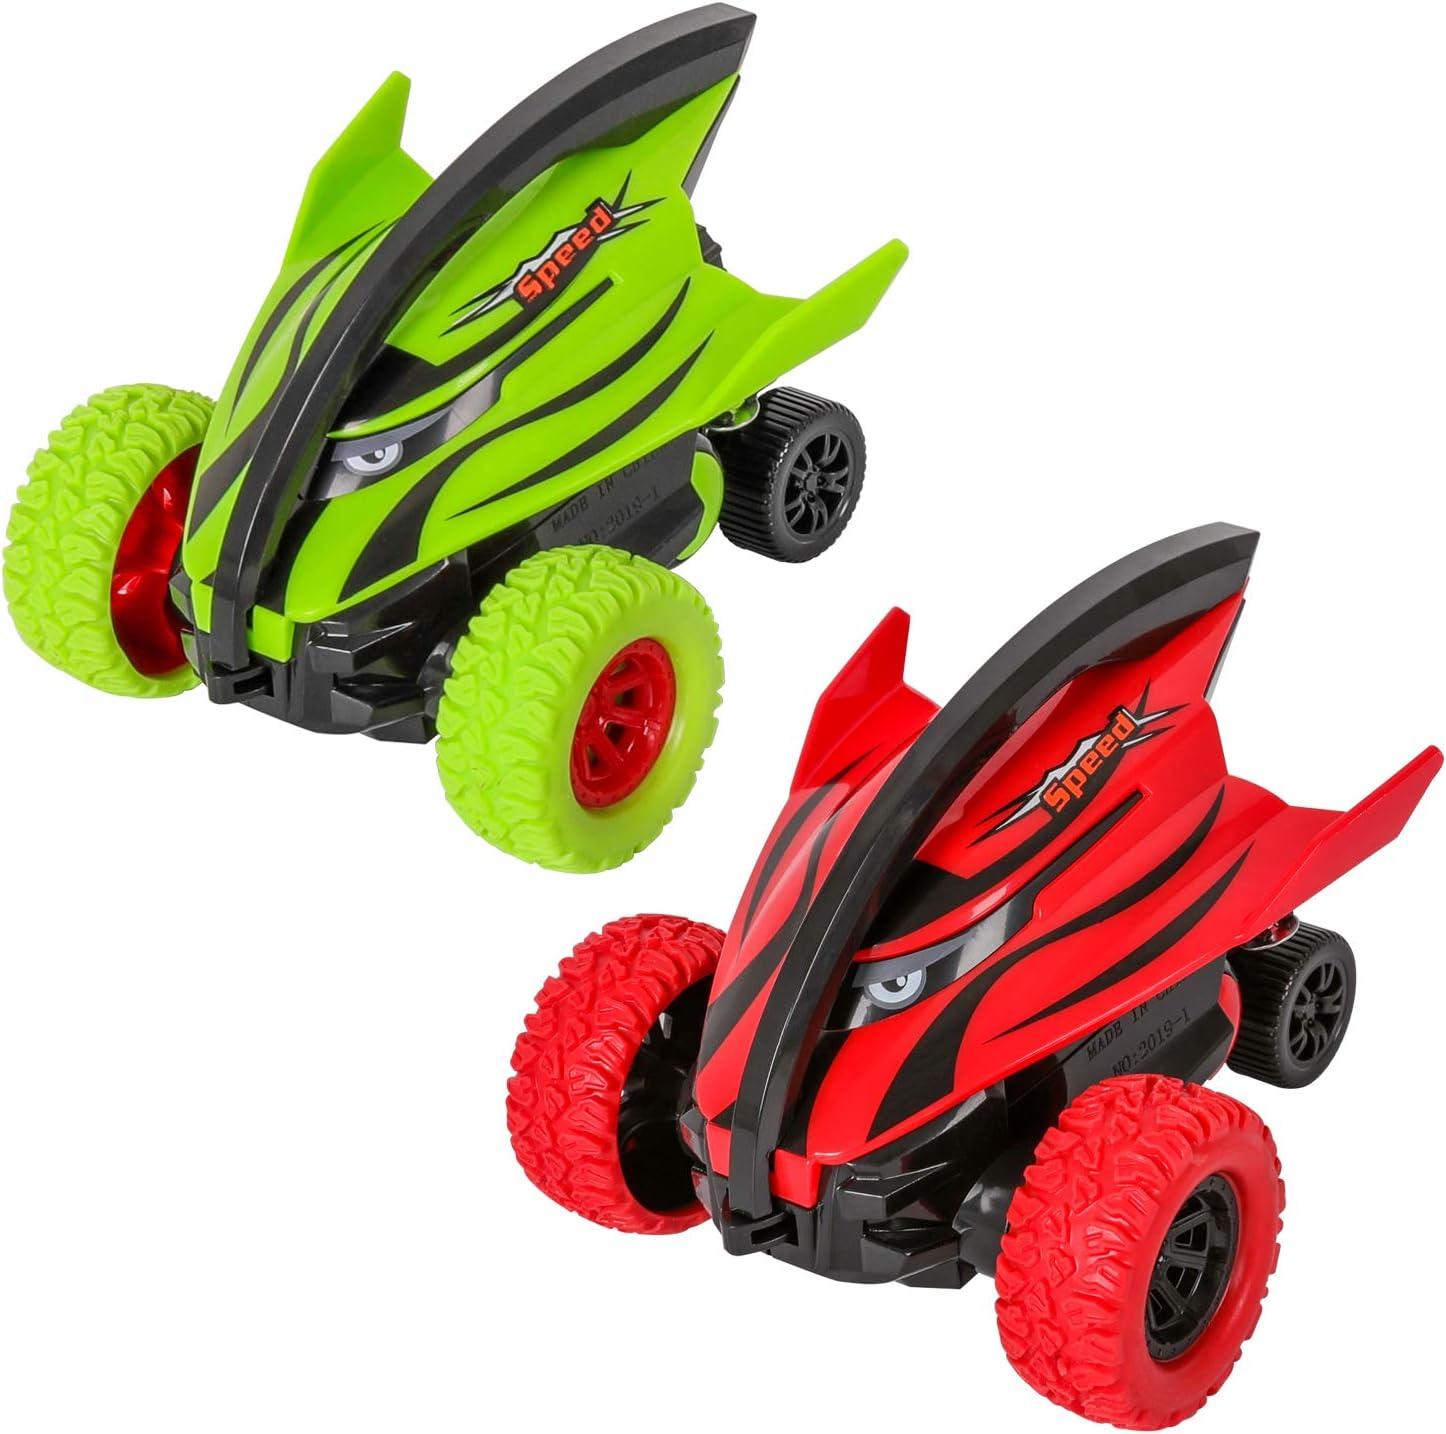 m zimoon Coche Monstruo Camión Coches Inerciales Vehículos de Pull Back Juguetes Rotación de 360 Grados Tiburón Vehículos de Carreras Todoterreno para Niños Niñas (2 Piezas, Rojo Verde)